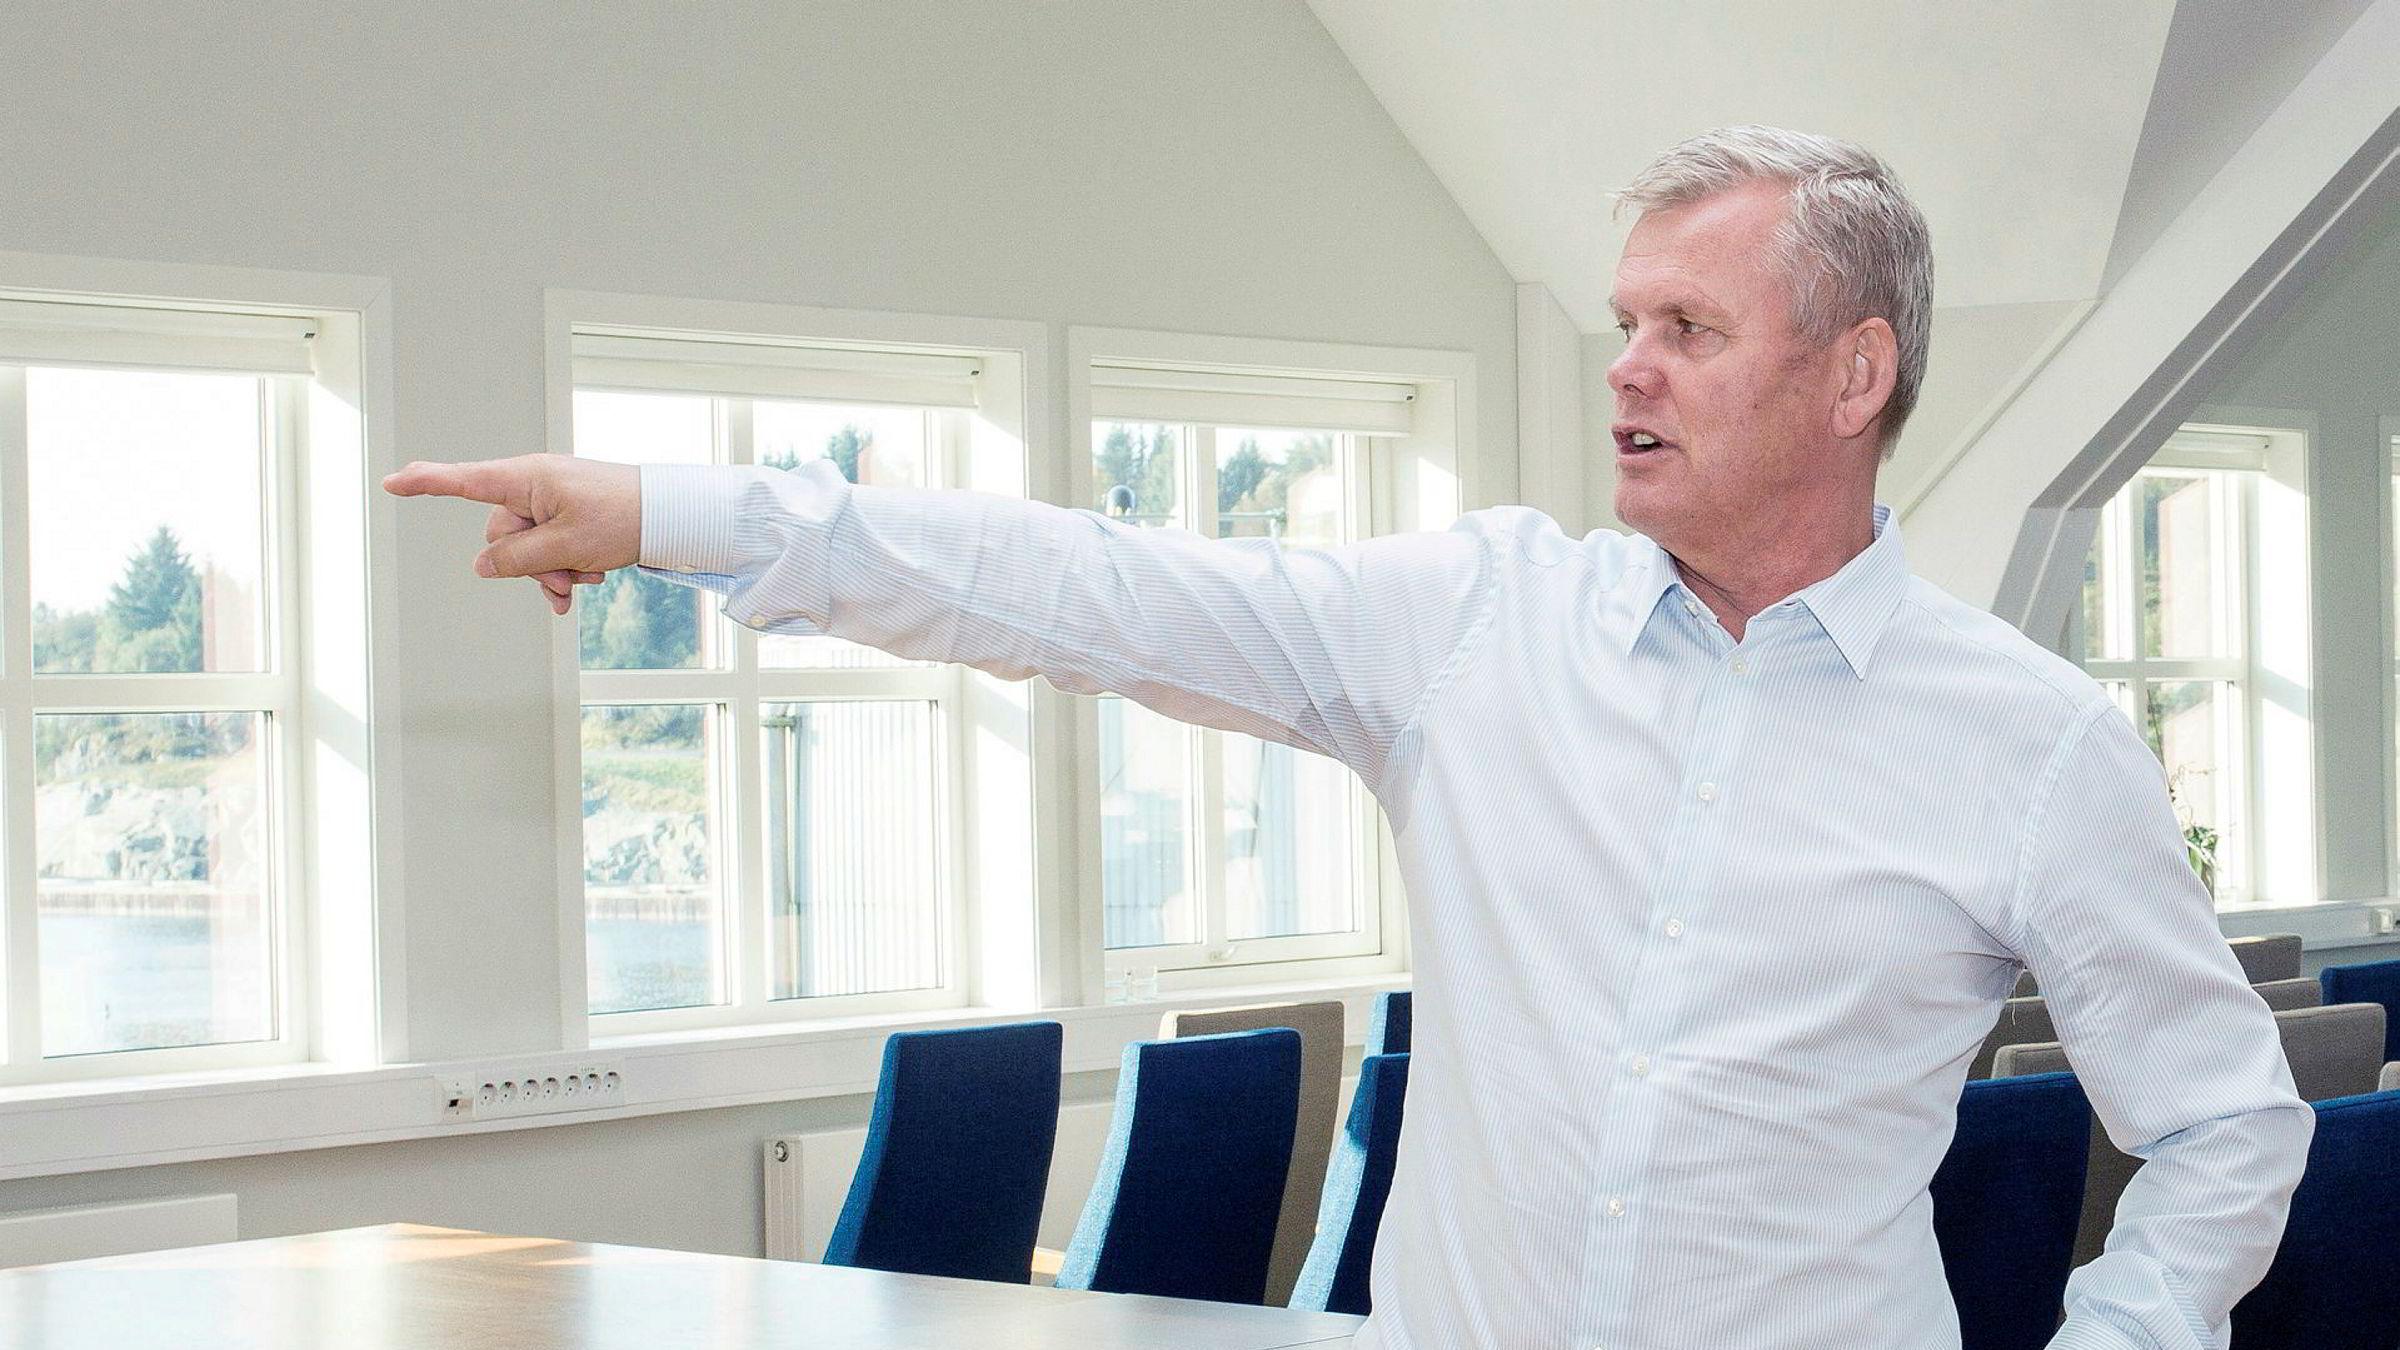 Laksemilliardær Helge Møgster mener lakseskatt kan føre til utflagging.